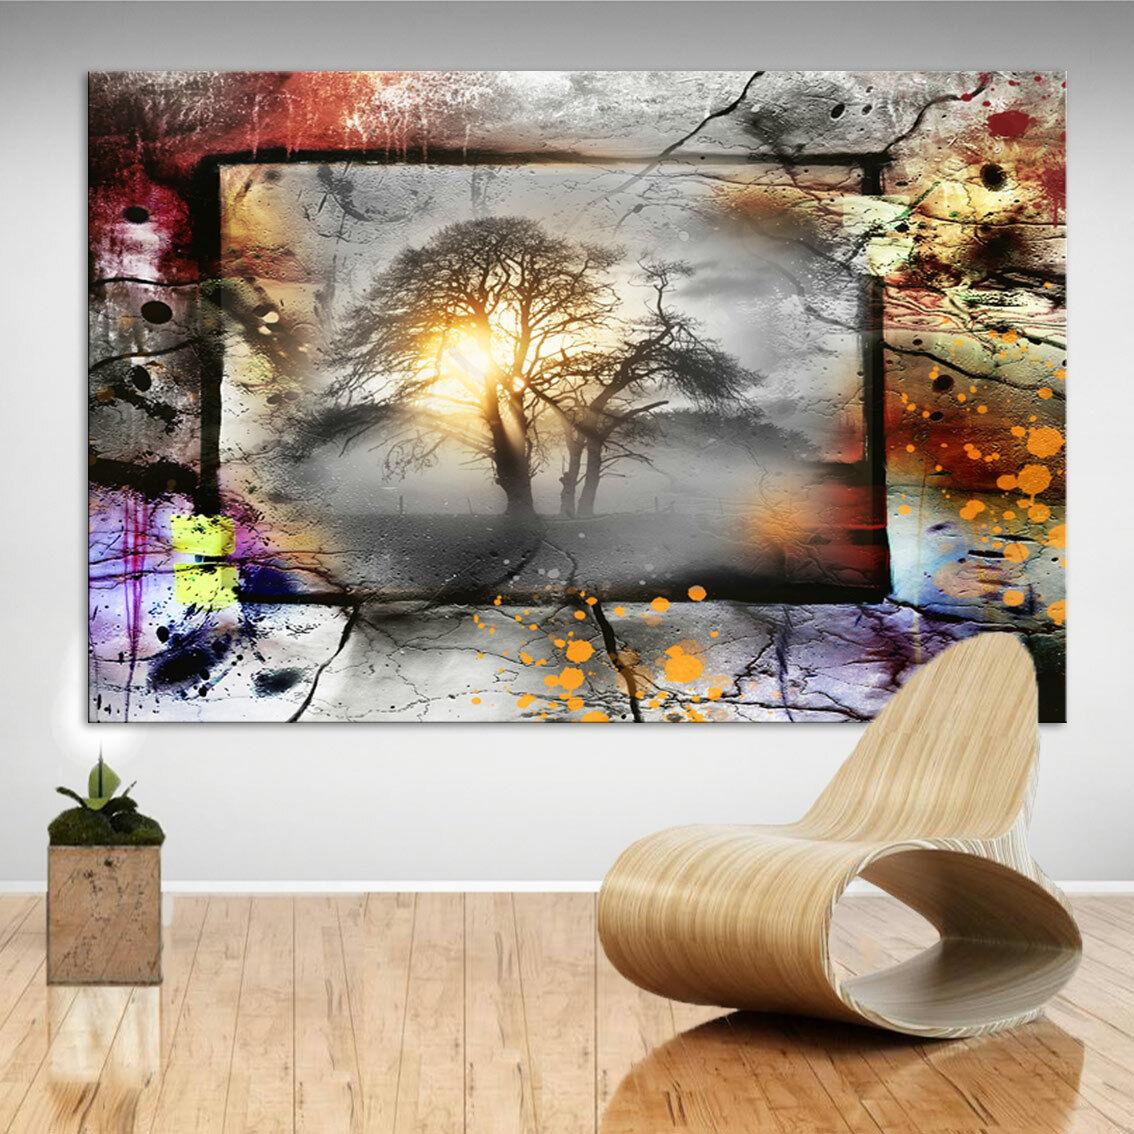 Abstraktes Bild Bäume Sonne Landschaft Leinwand Kunst Bilder Wandbilder D0818